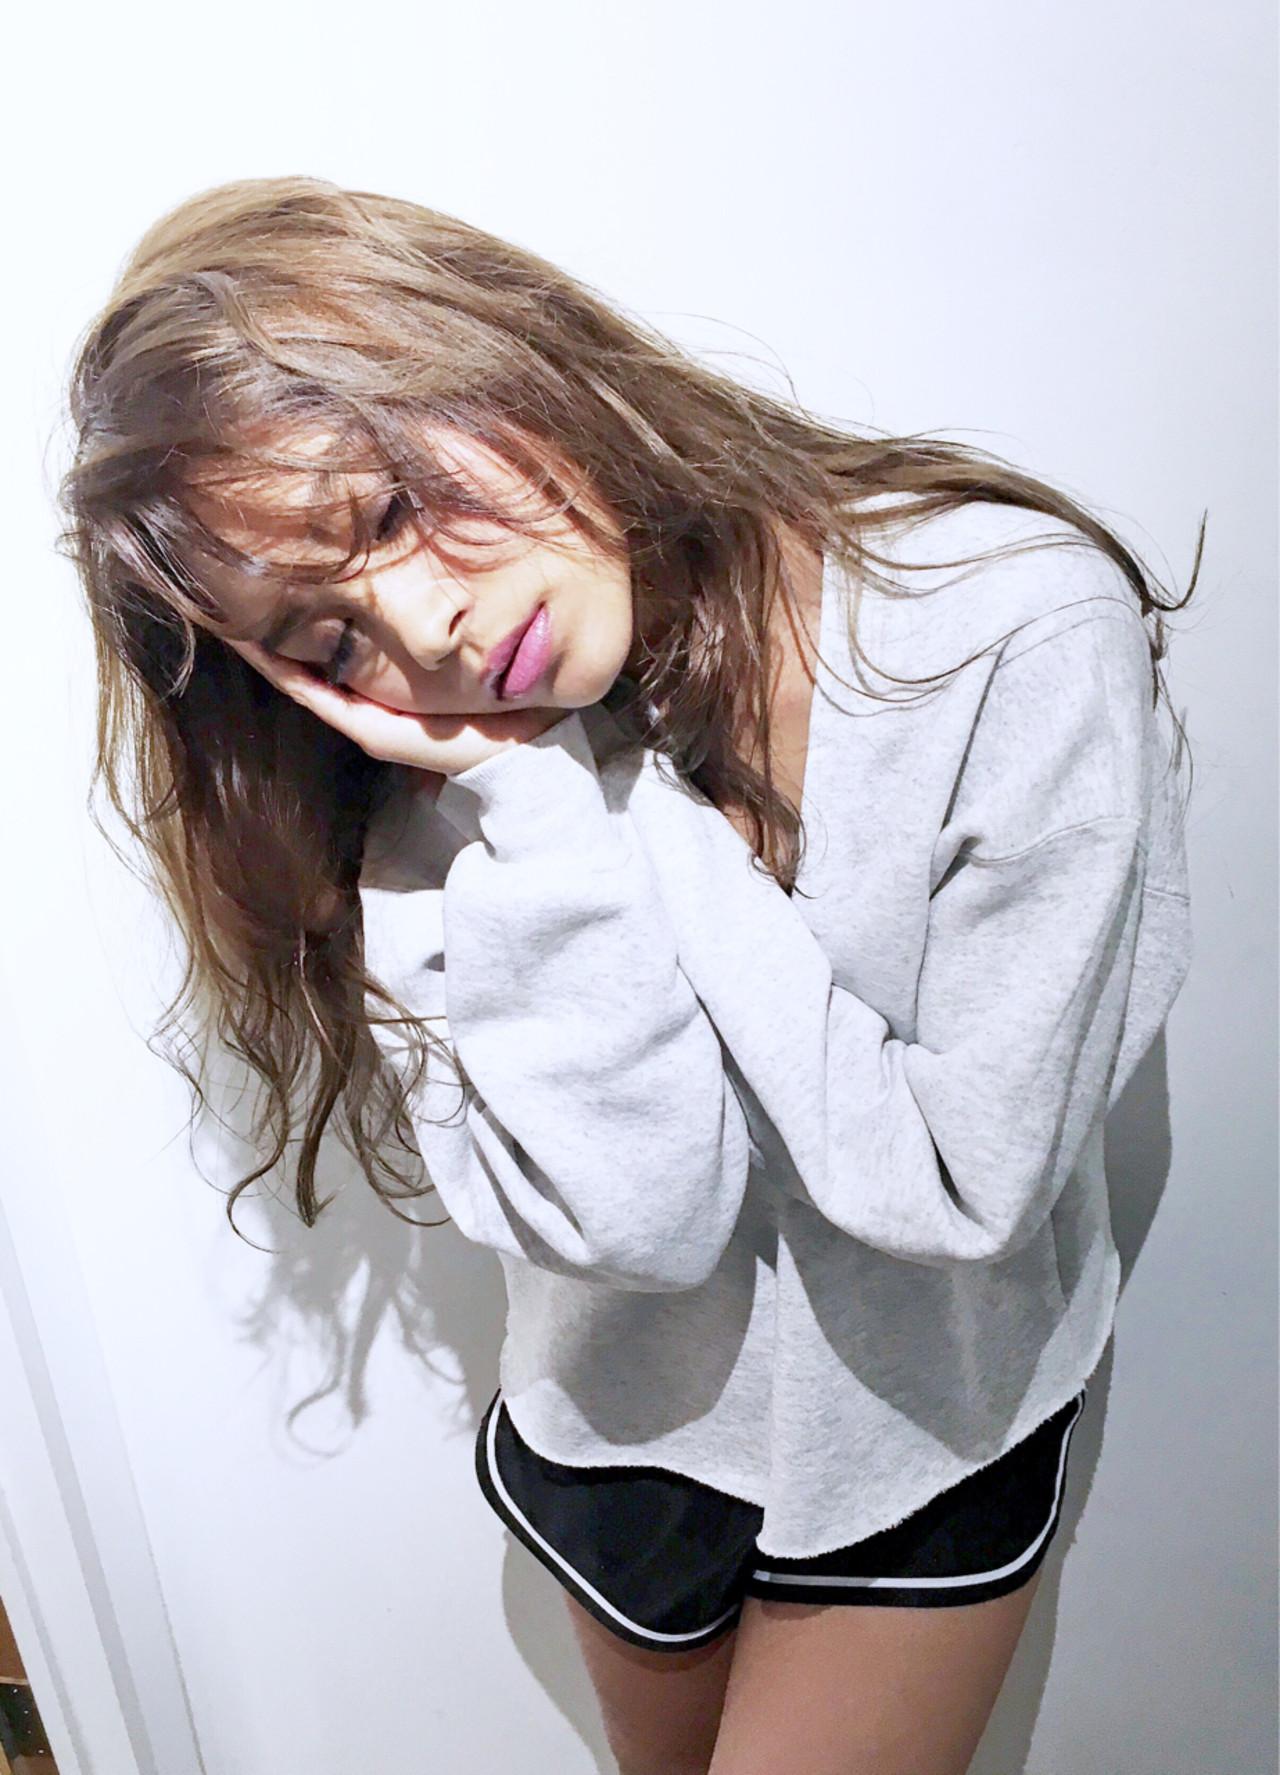 失敗したくない!事前に知っておきたいデジタルパーマあれこれ Sachiko Handa